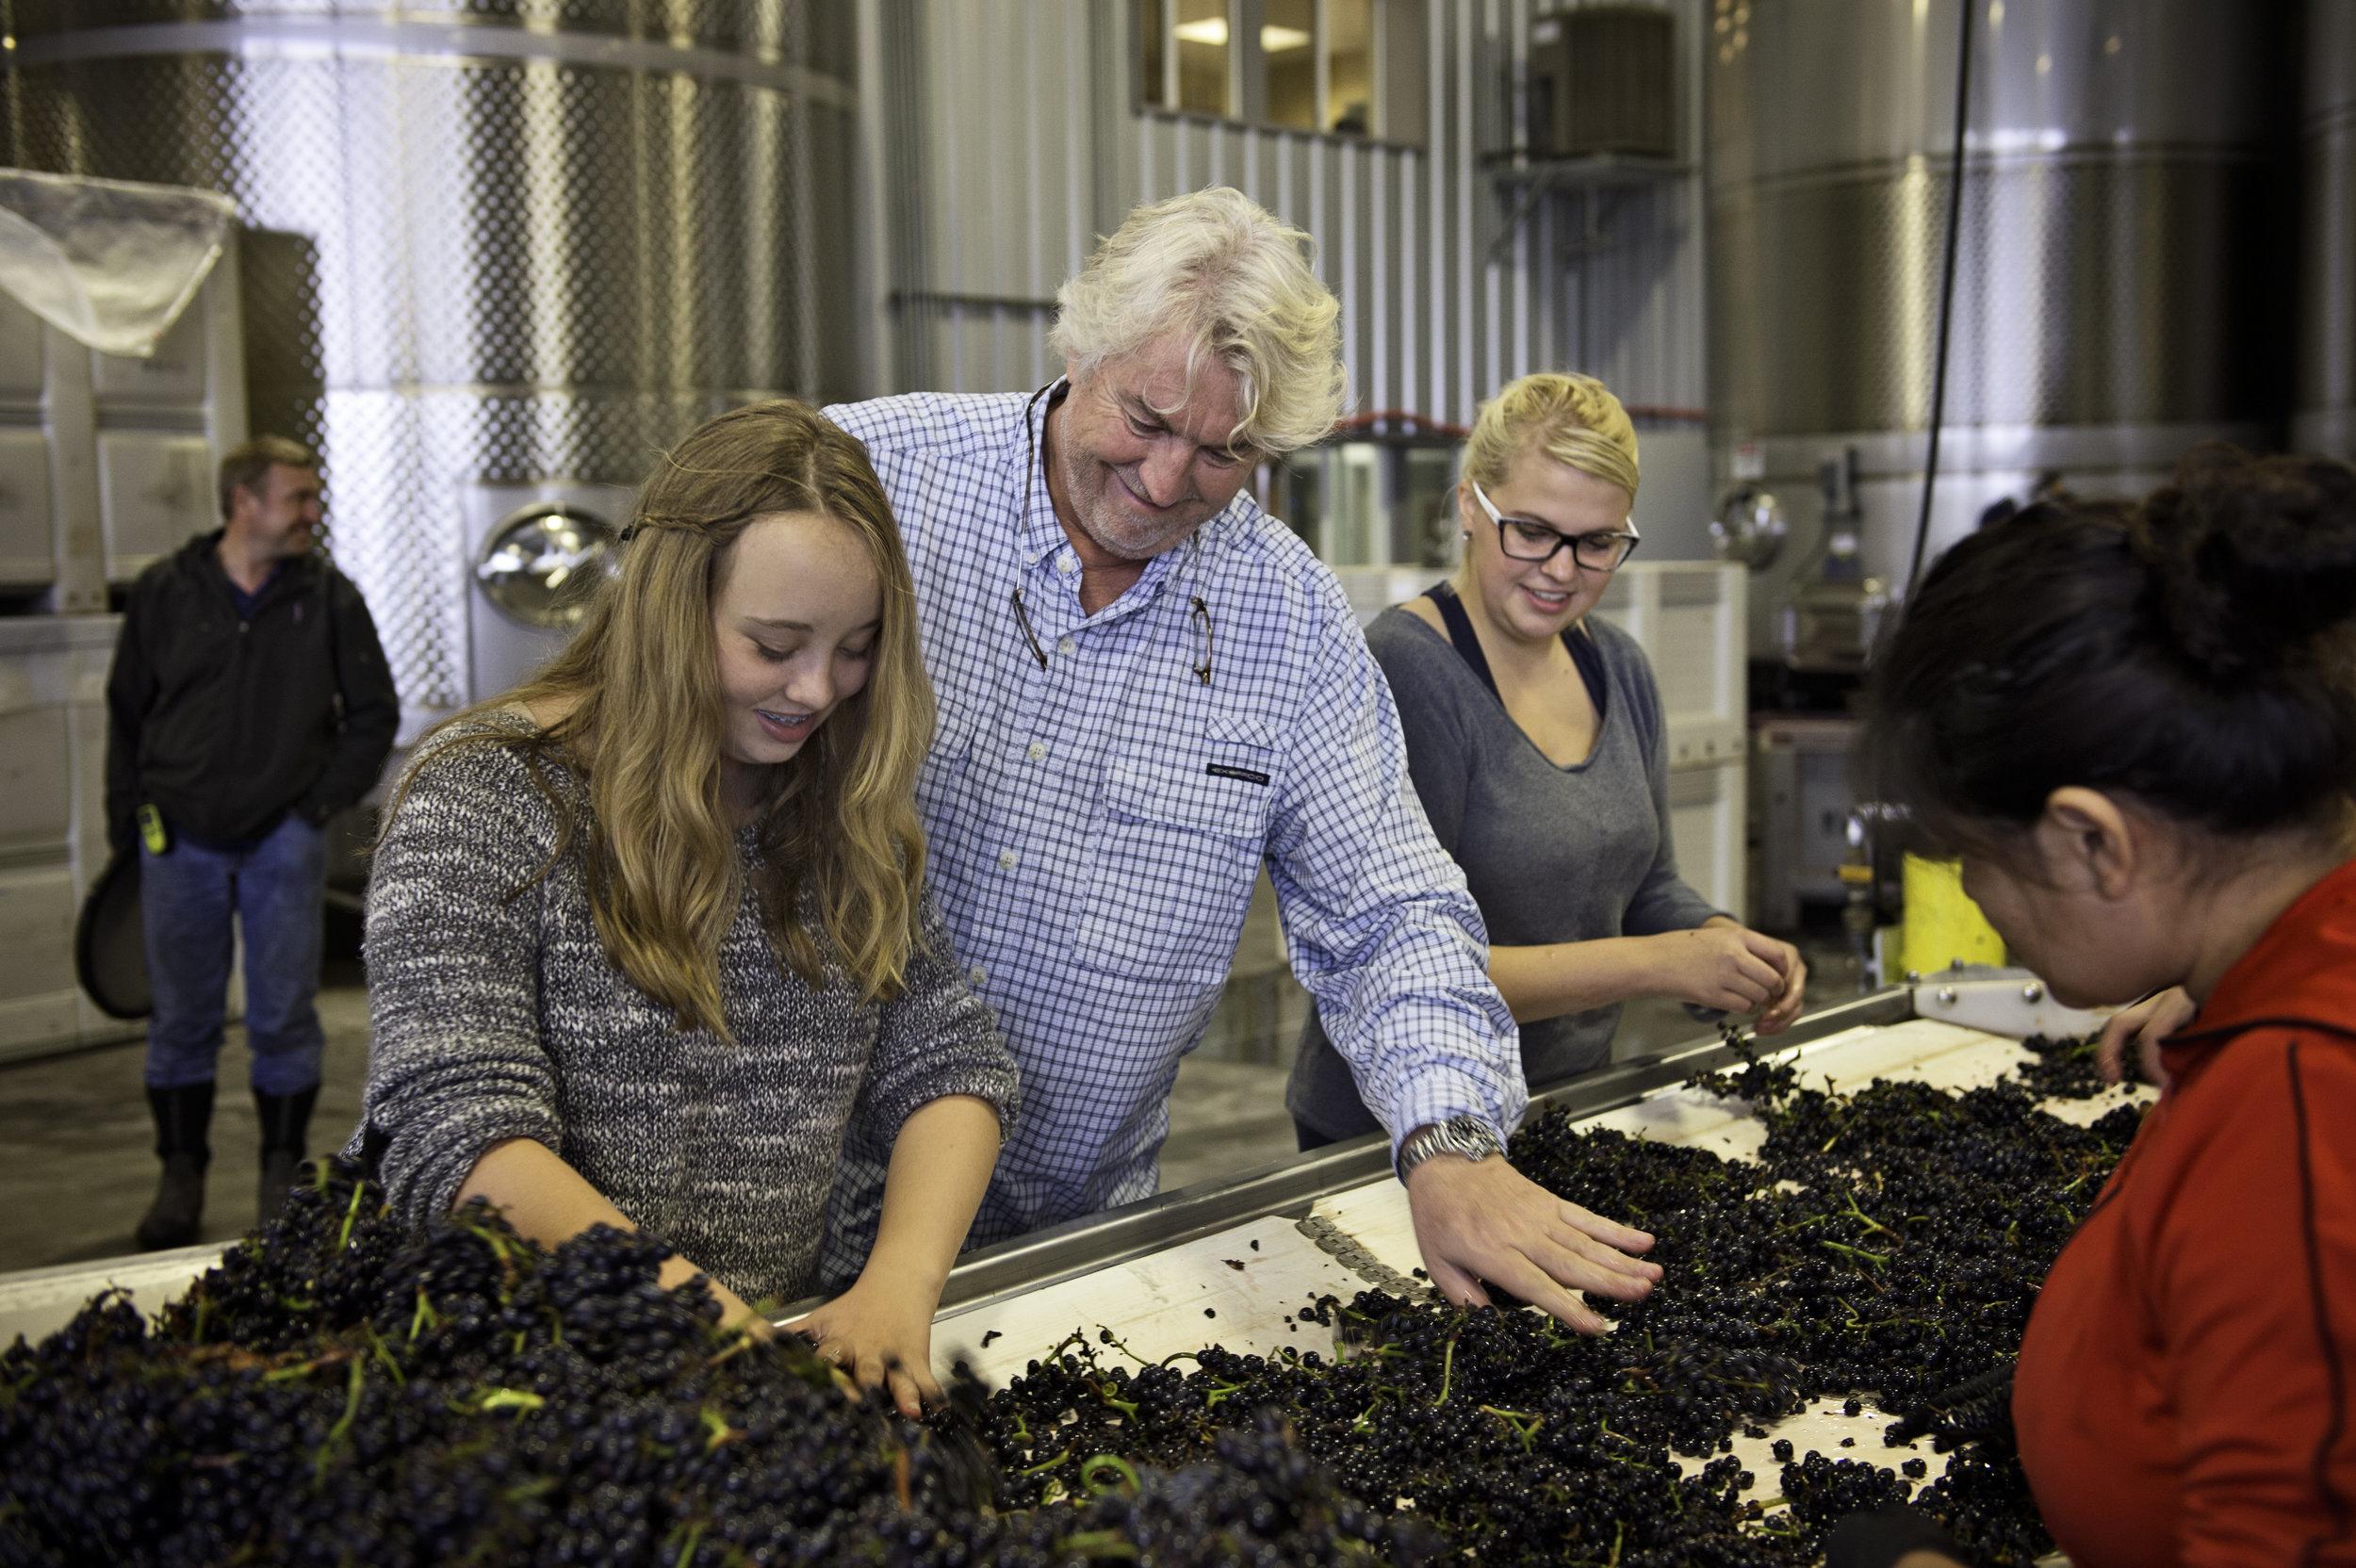 Laurent Montalieu and daughter, Soléna, sorting grapes.jpg